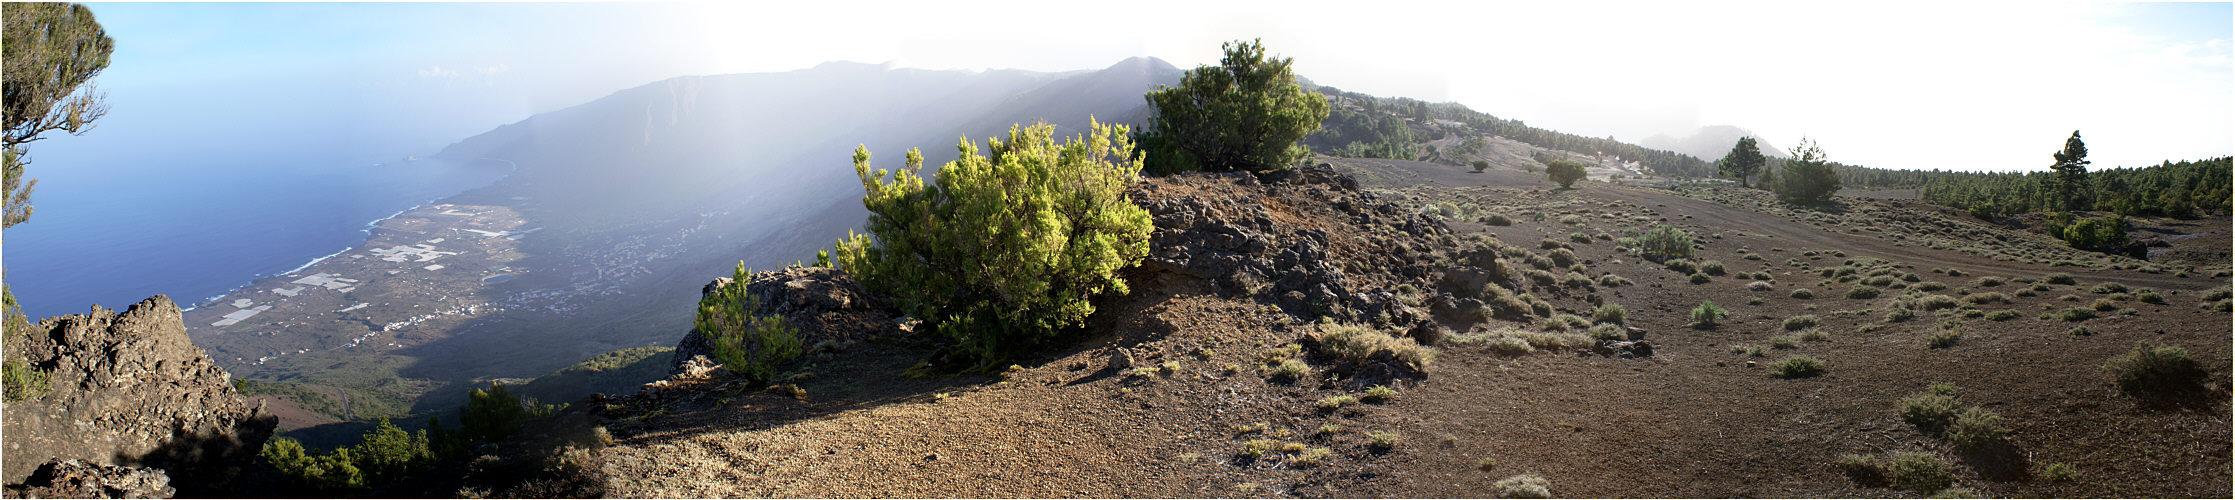 Blick über die Cumbre auf El Golfo - El Hierro